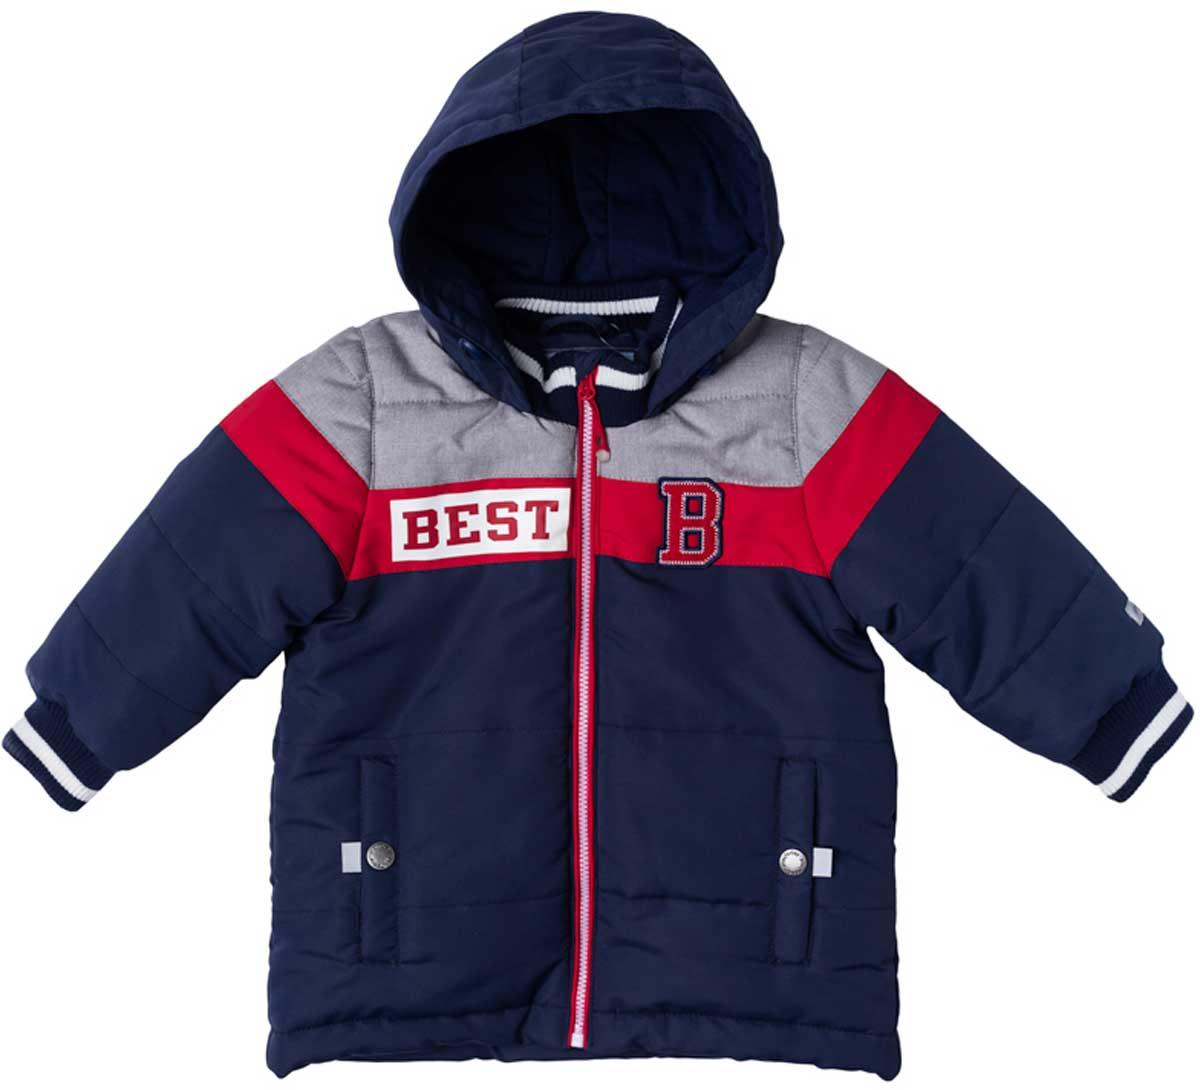 Куртка для мальчика PlayToday, цвет: темно-синий, светло-серый, красный. 177002. Размер 74177002Практичная утепленная куртка с капюшоном со специальной водоотталкивающей пропиткой защитит вашего ребенка в любую погоду! Мягкие трикотажные резинки на рукавах защитят вашего ребенка - ветер не сможет проникнуть под куртку. Специальный карман для фиксации застежки-молнии не позволит застежке травмировать нежную детскую кожу. Модель снабжена светоотражателями на рукаве и по низу изделия - ваш ребенок будет виден даже в темное время суток.